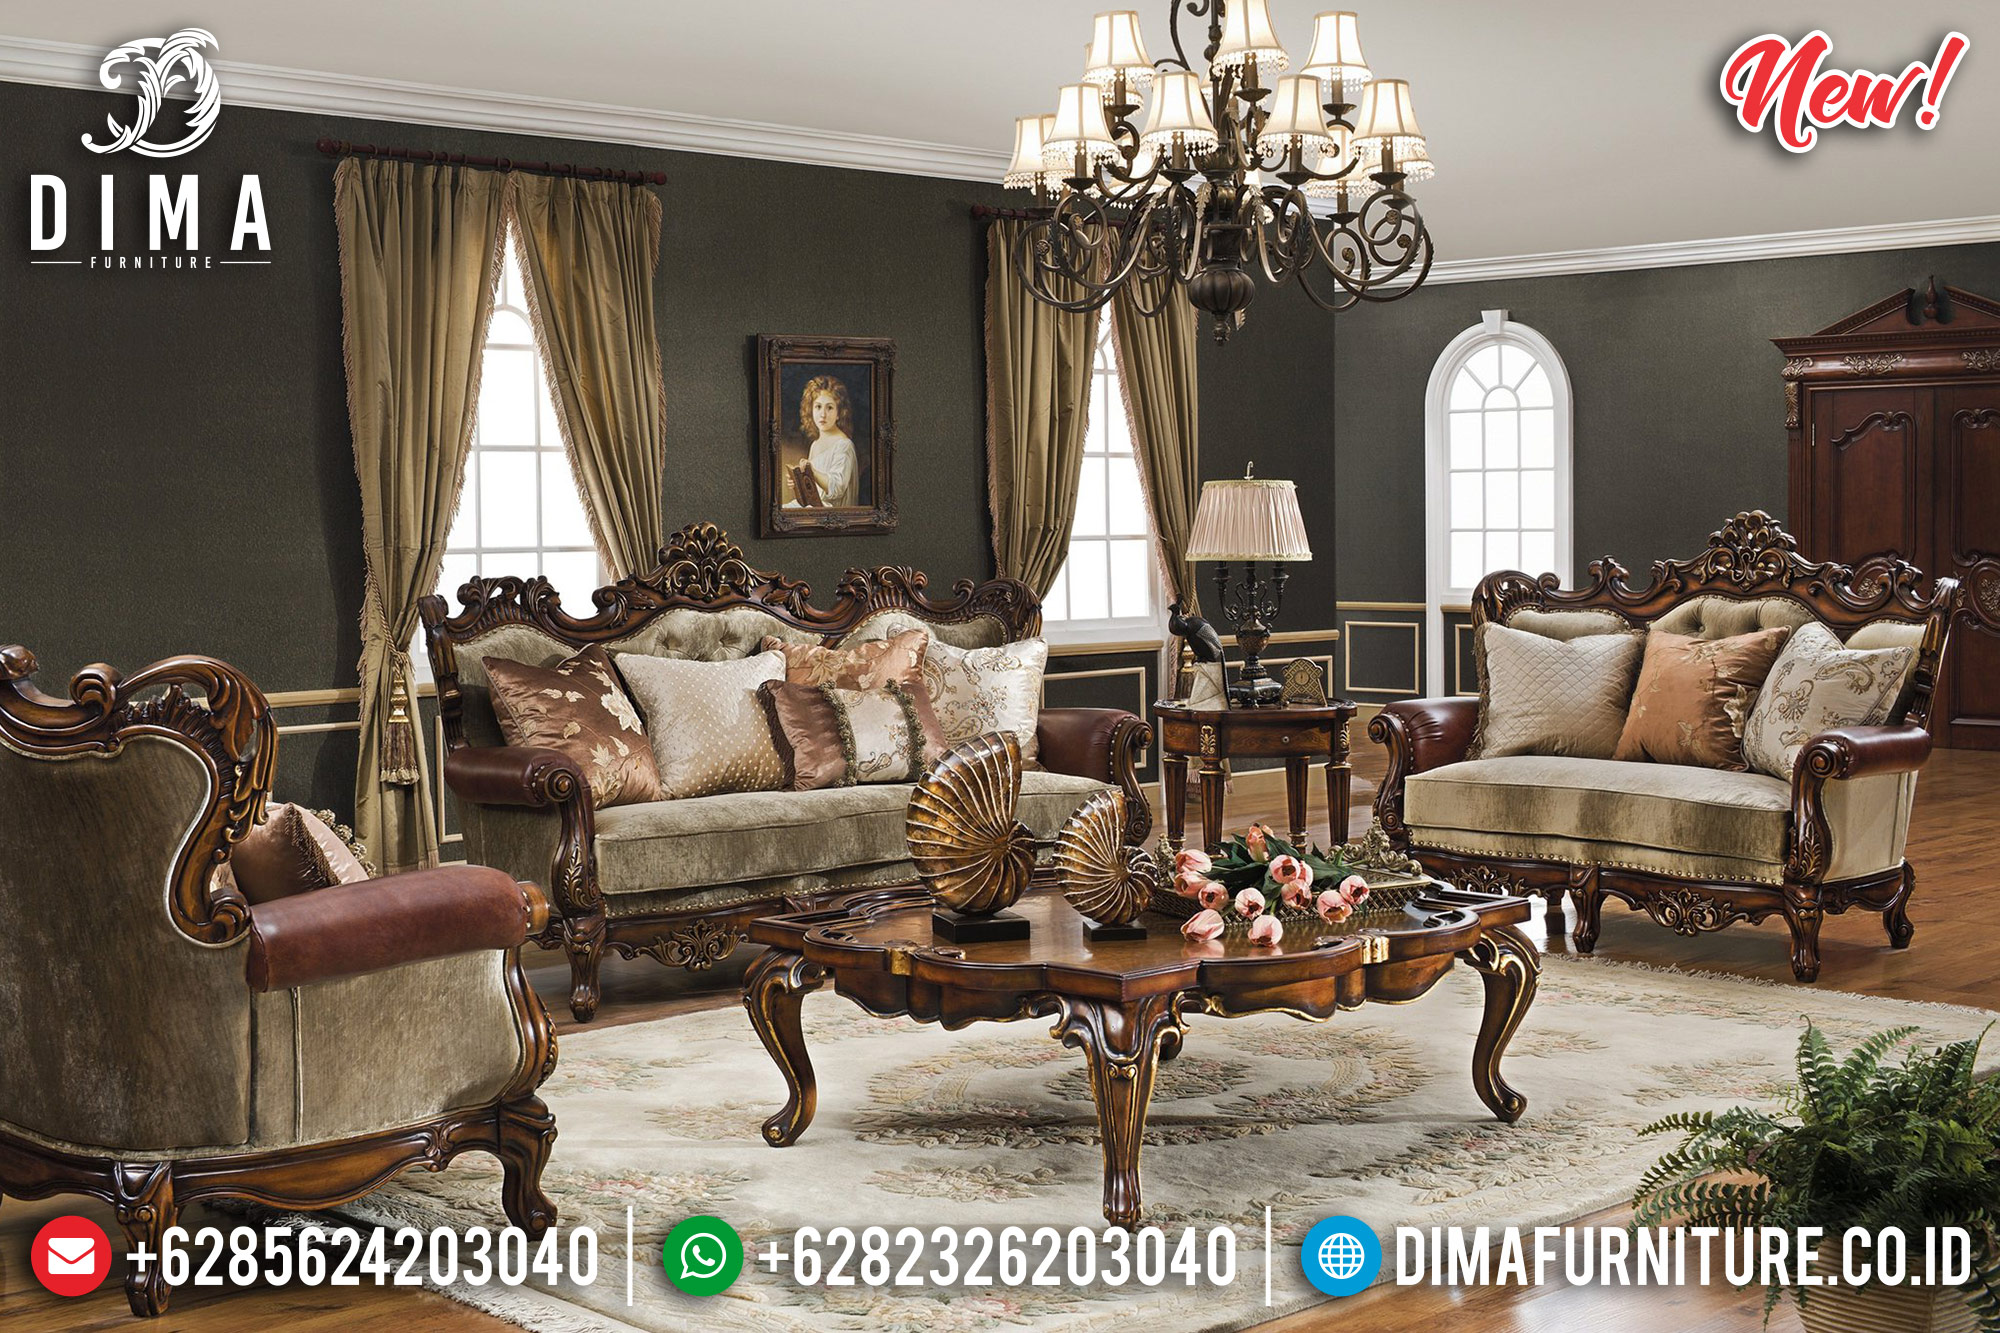 Jual 3 2 1 Set Sofa Tamu Mewah Jati Classic Natural DF-0989